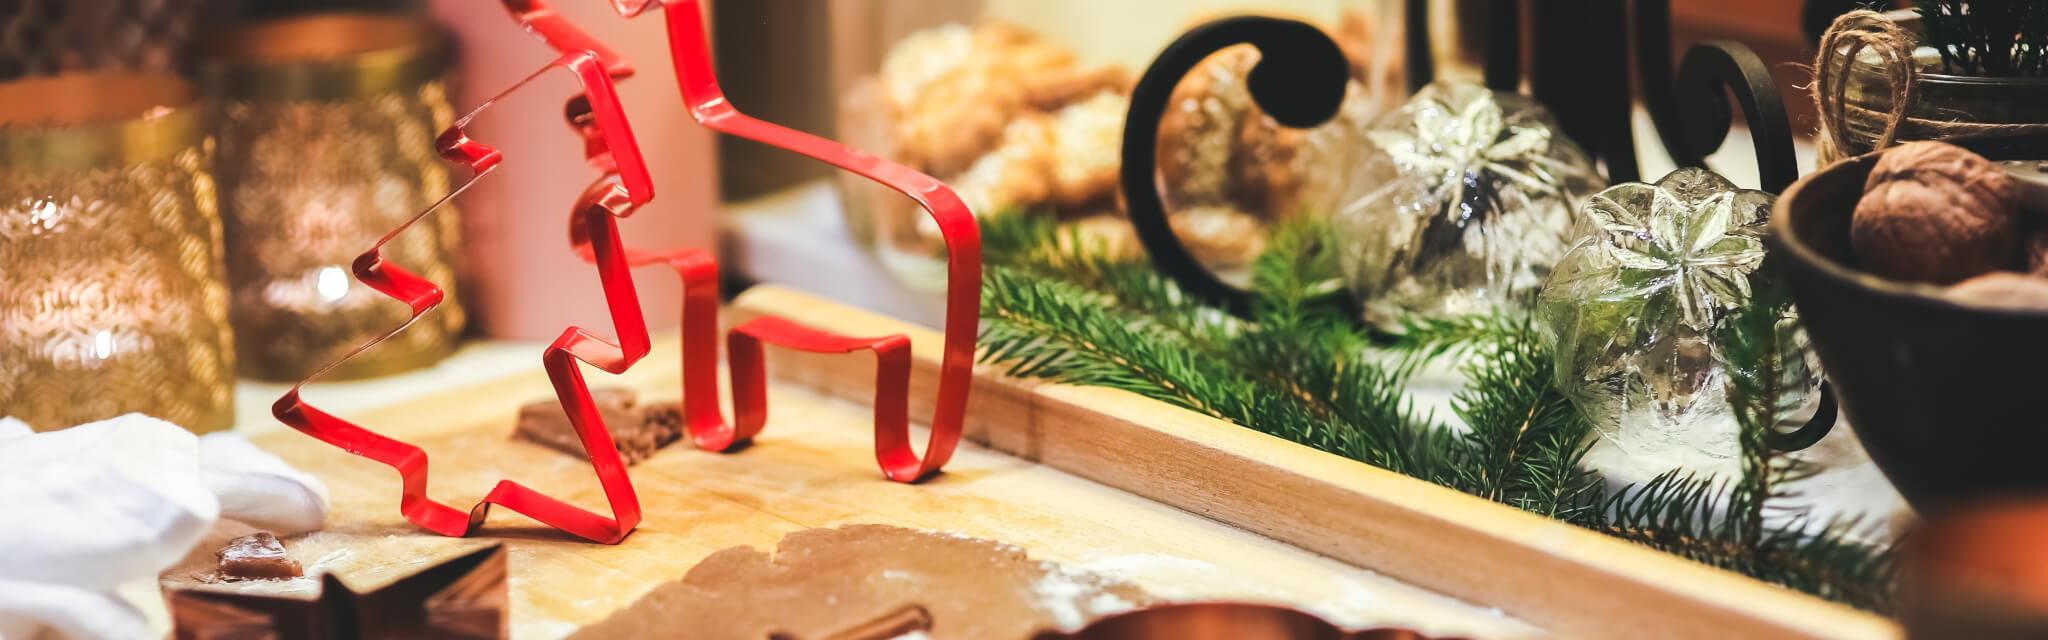 Рождественские каникулы в Германии: Цвингер, общение и пряничные домики.